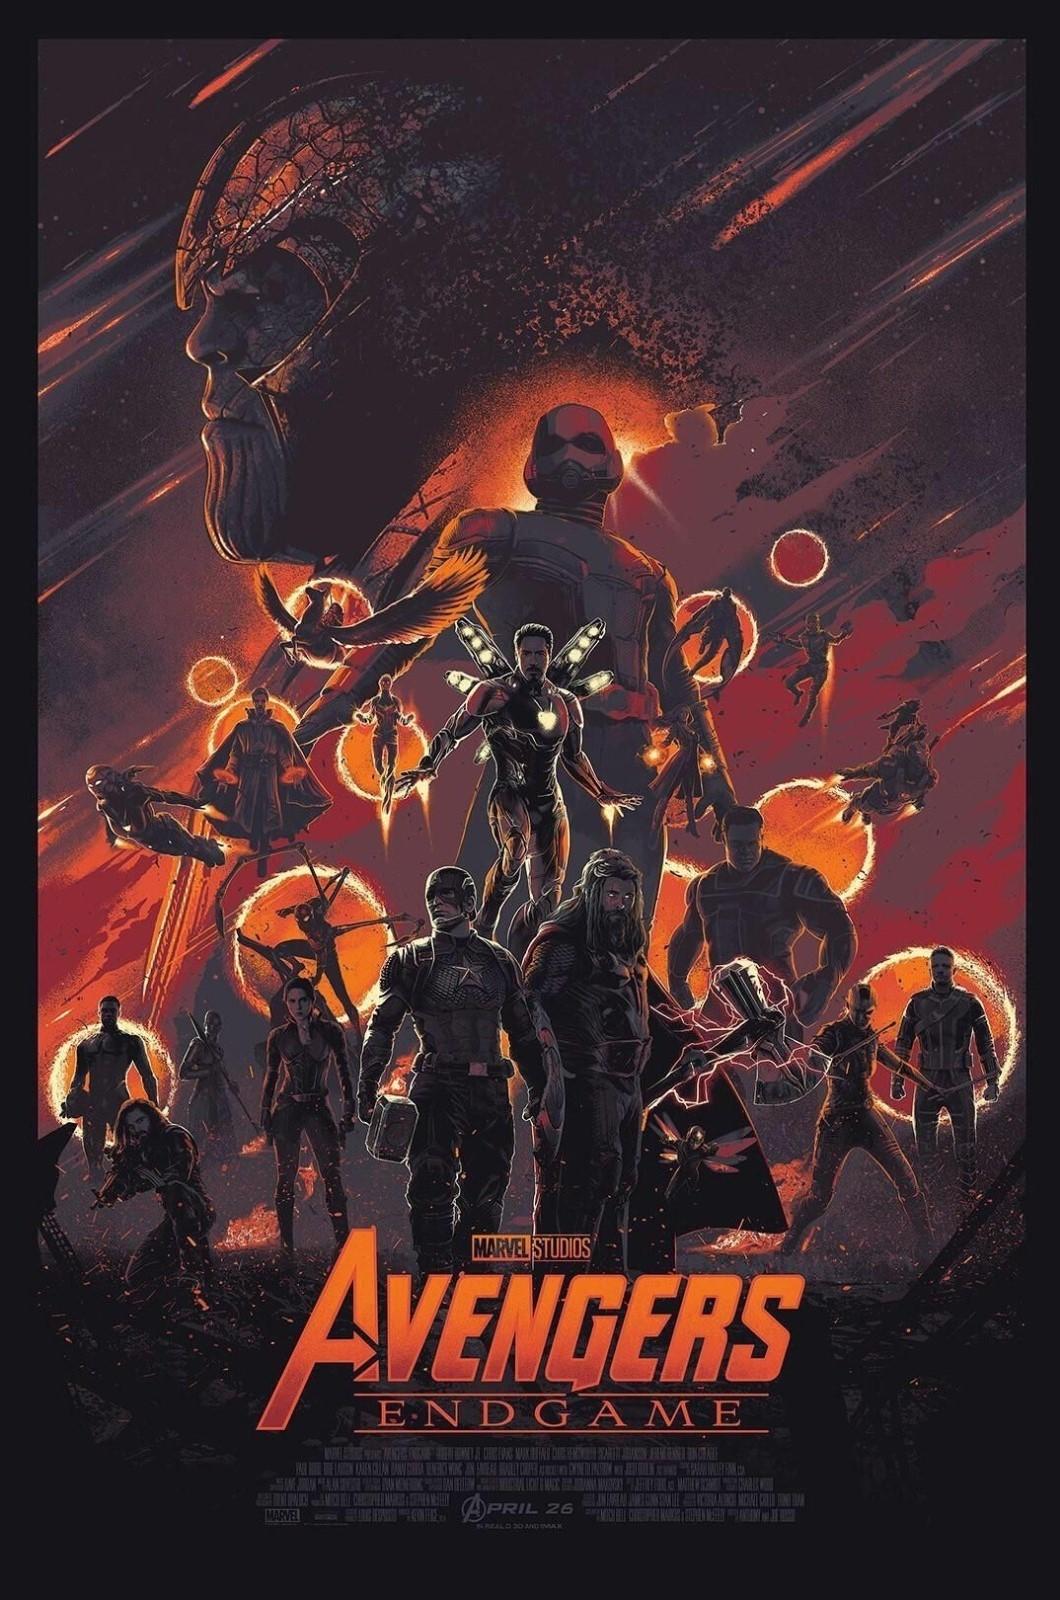 Avengers Infinity War Endgame Poster